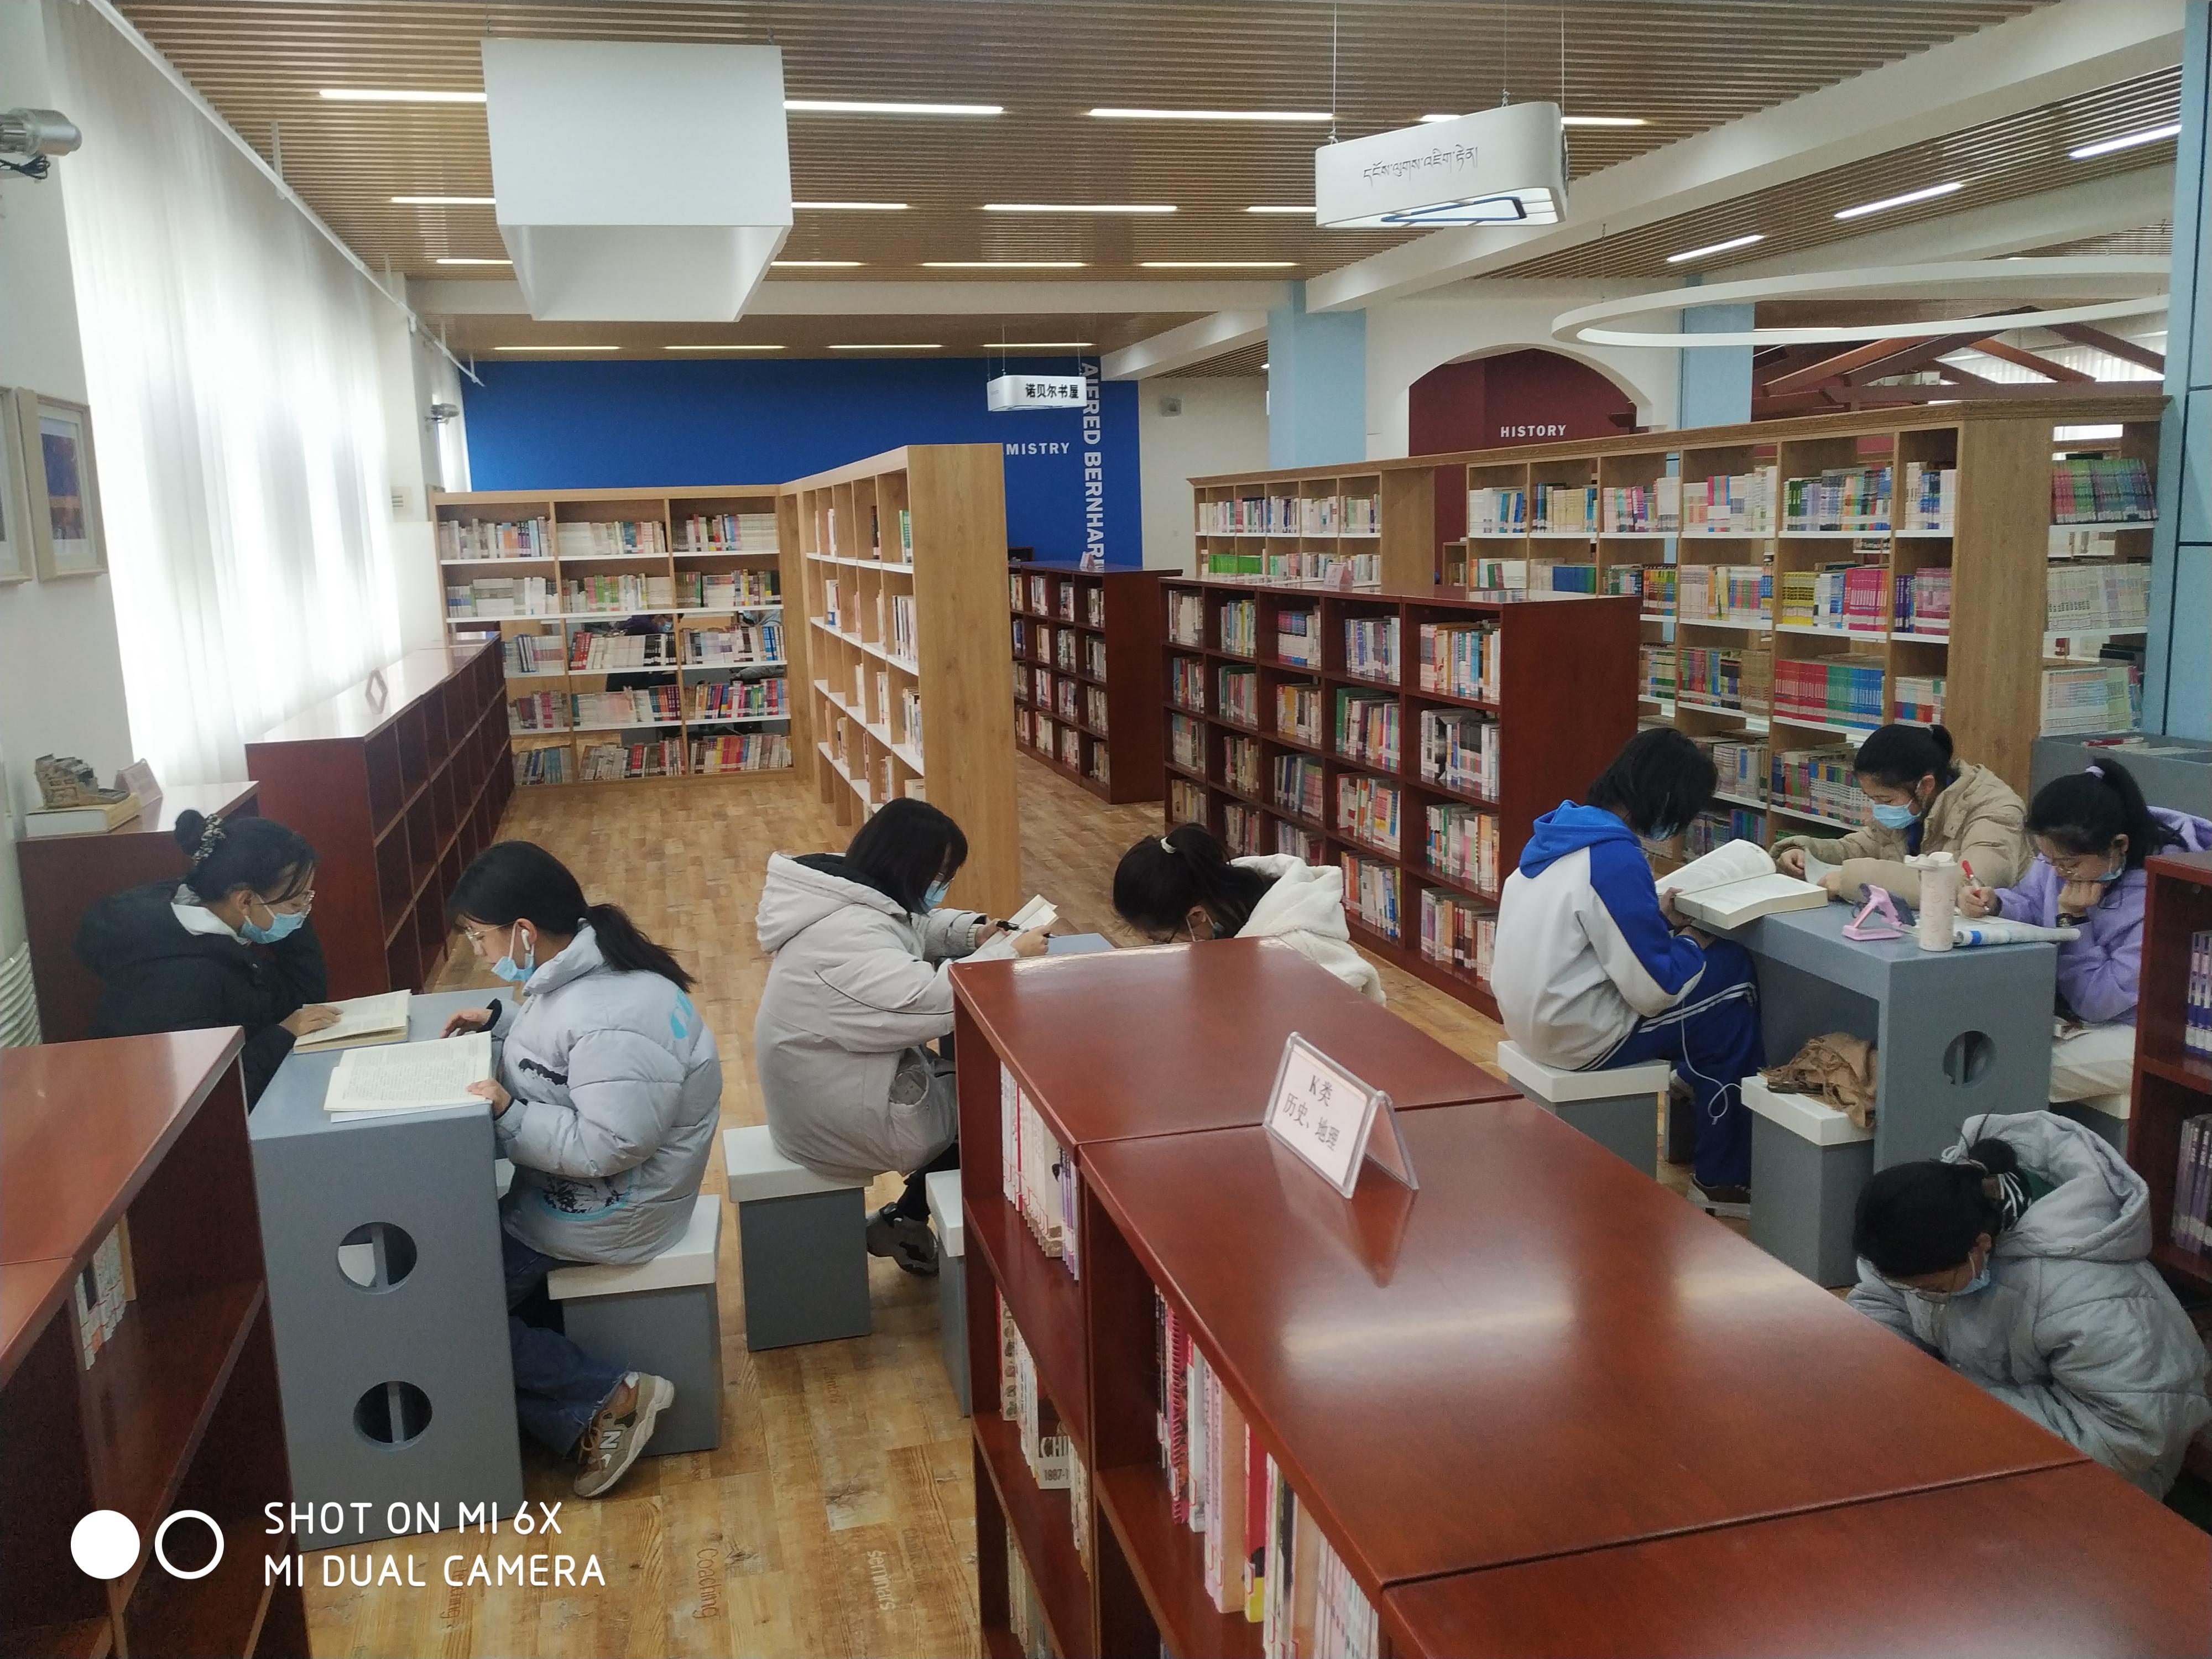 西藏生在图书馆阅览自习2.jpg